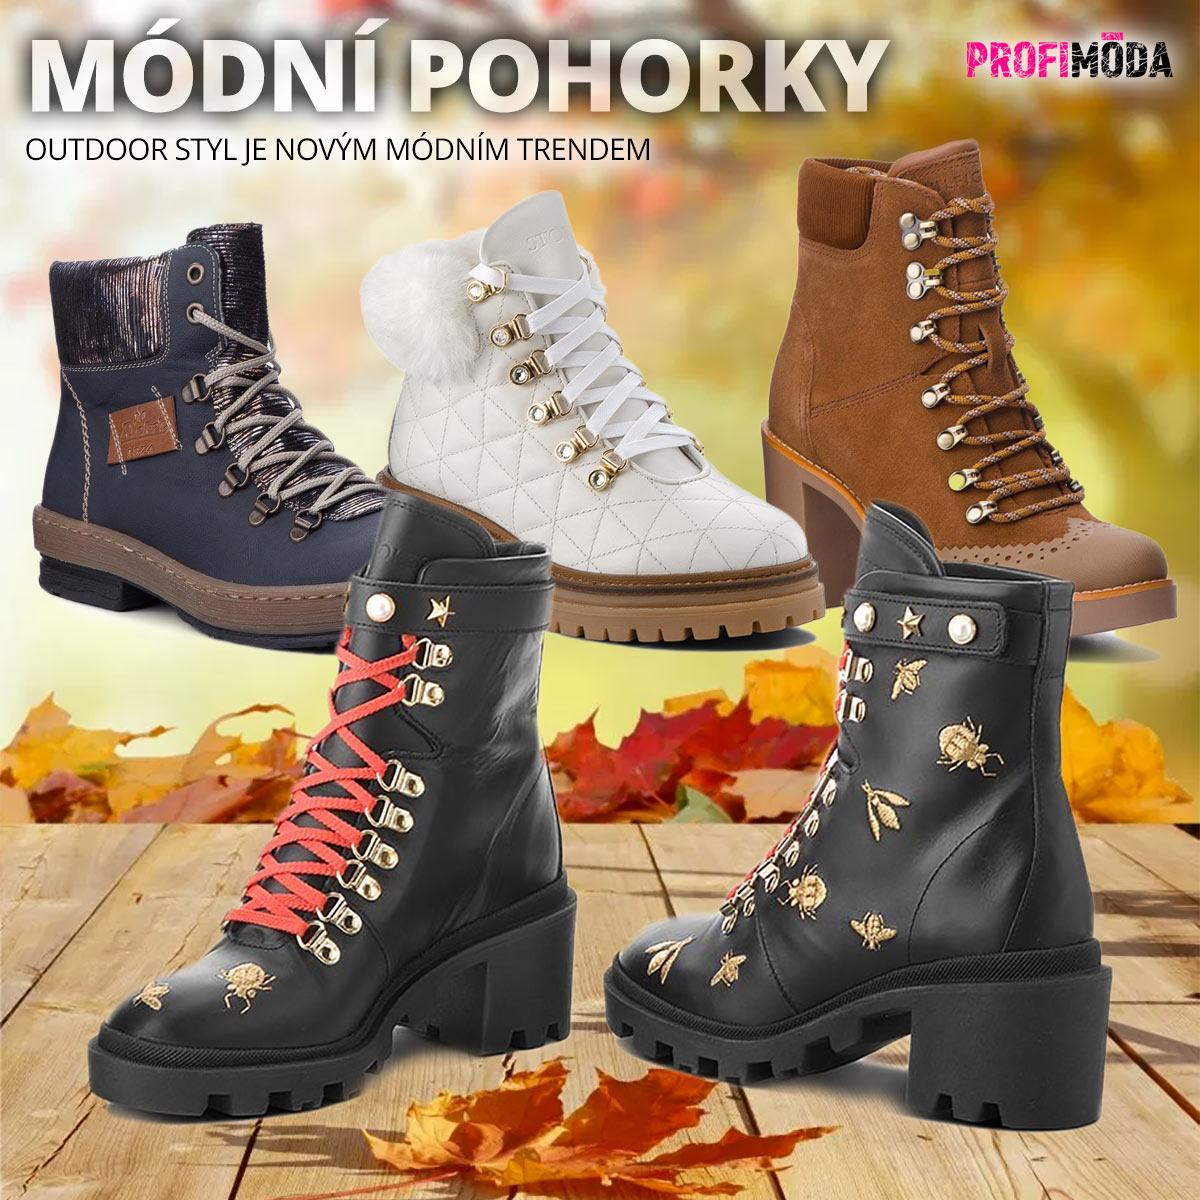 Podzimní dámská obuv 2018 našla zalíbení v prvcích outdoorové obuvi.